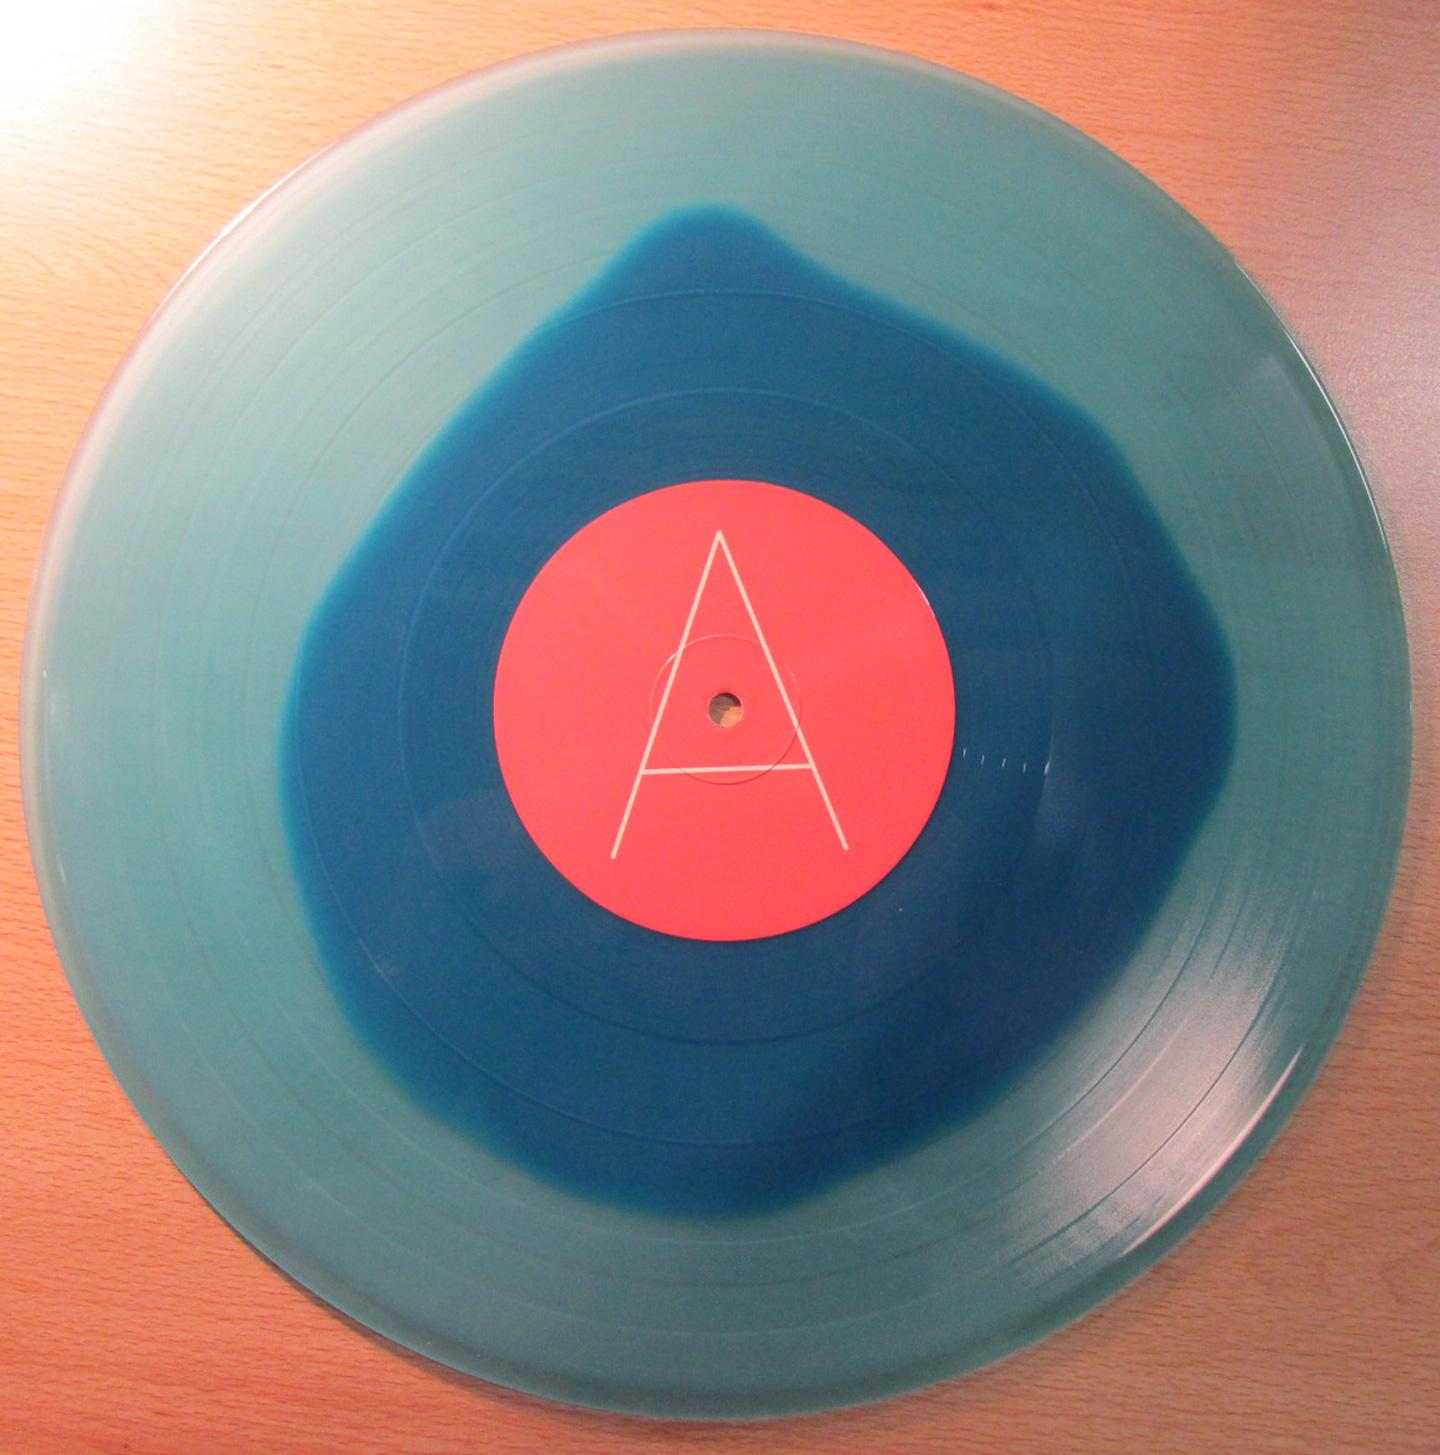 http://s0.limitedrun.com/images/1163255/blue-vinyl.jpg